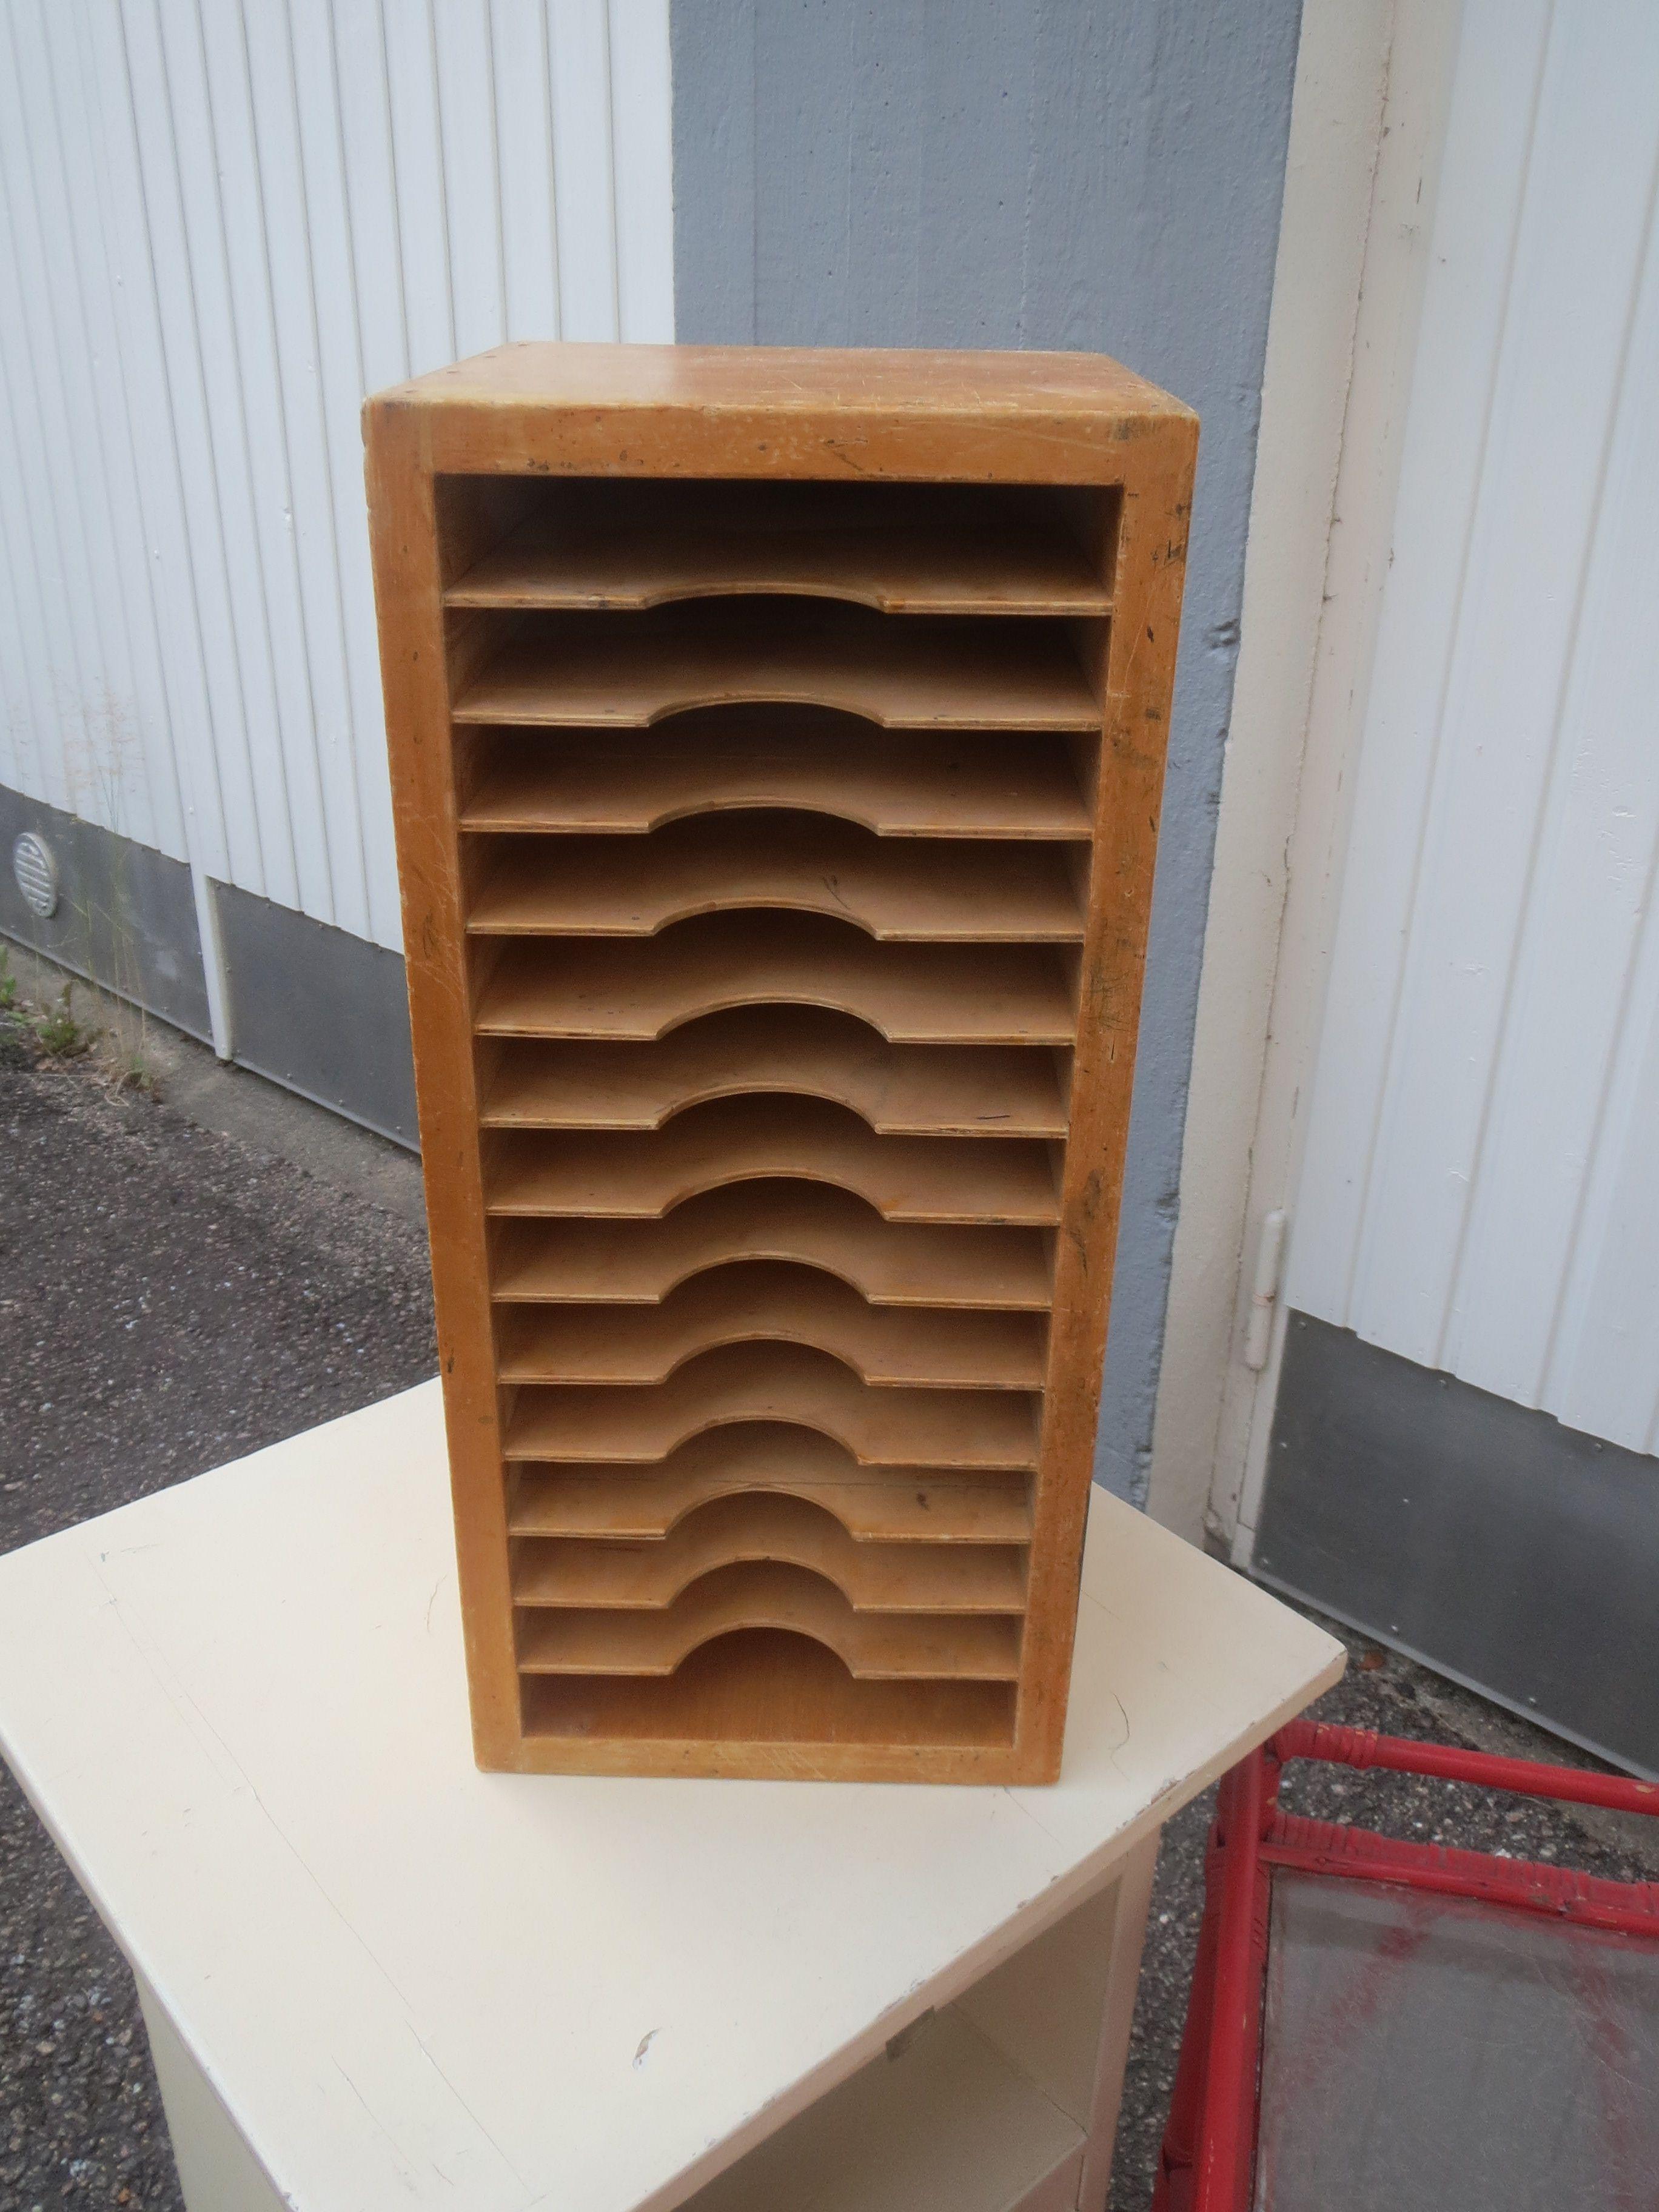 Ihastuttava puulokerikko, ehjä, ajan patinaa pinnoissa, muuten puuta, mutta taustalevy on jotain levyä.  Koko 20 x 20 cm, korkeus 45 cm.  Lokeron sisämitta 17 x 20 cm, korkeus 3 cm.  40 euroa.